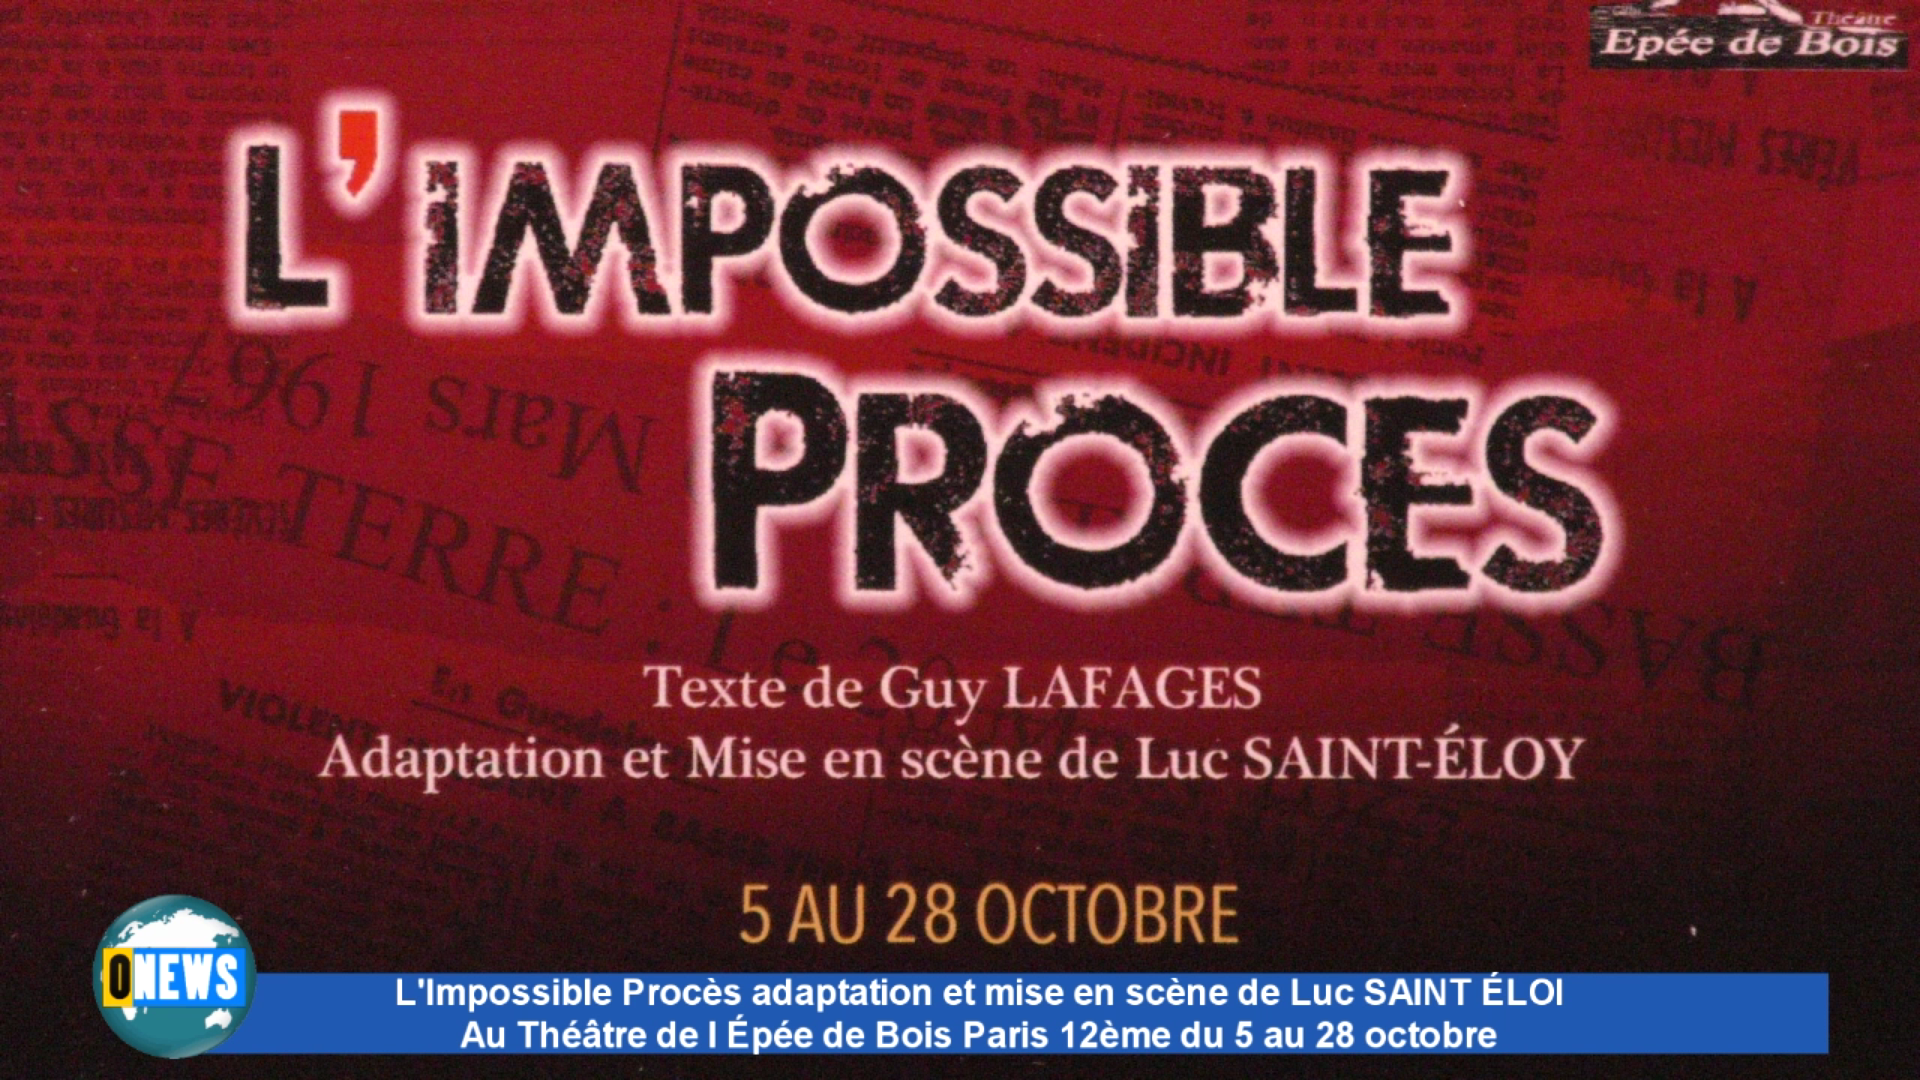 [Vidéo] Onews Hexagone. L impossible Procès. Pièce mise en scène par Luc SAINT ÉLOI en ce moment à Paris.